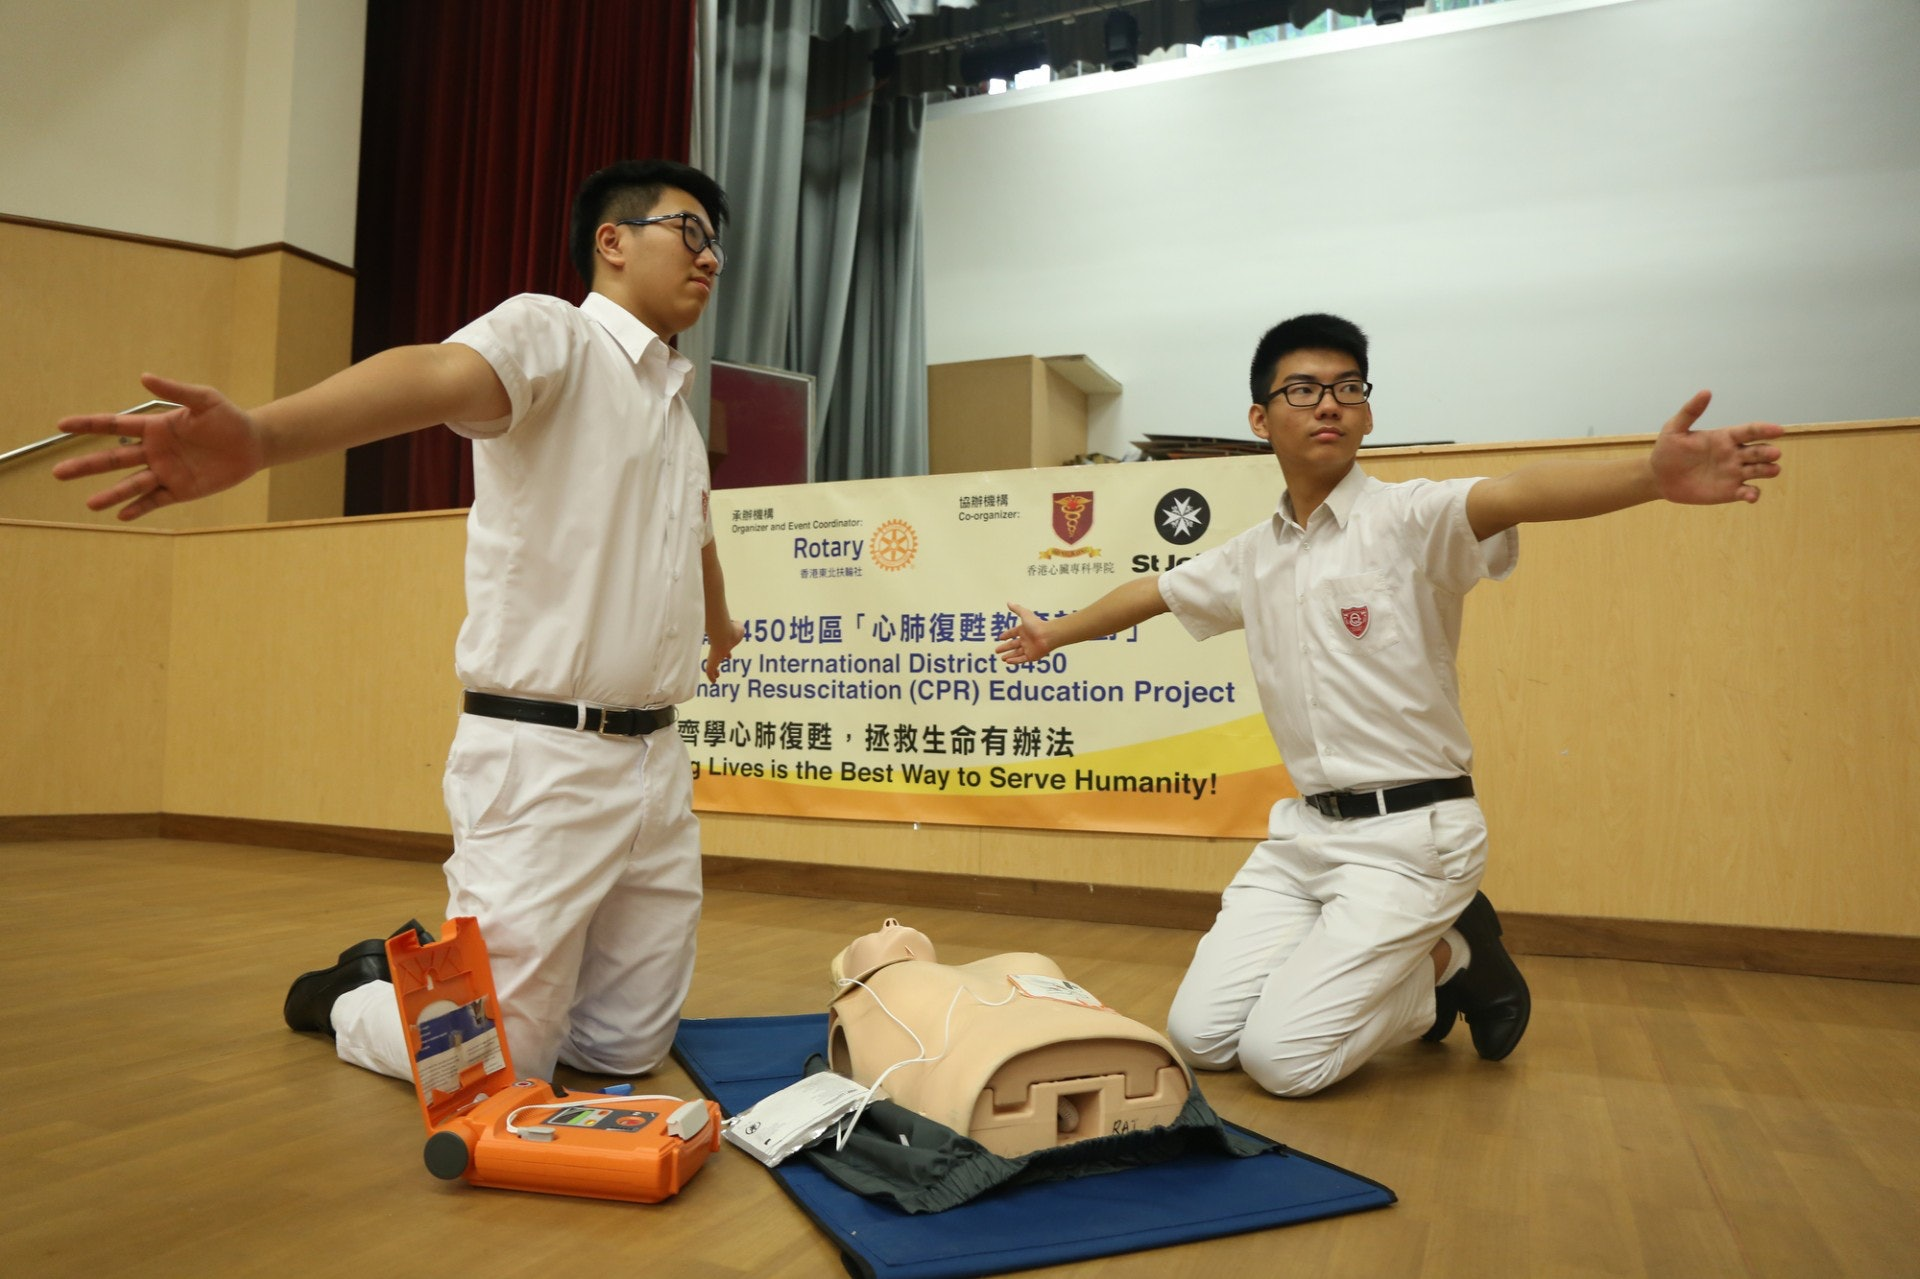 學生示範當用AED機進行電擊前,需張開雙手,以免接觸到電流。(陳百灝攝)